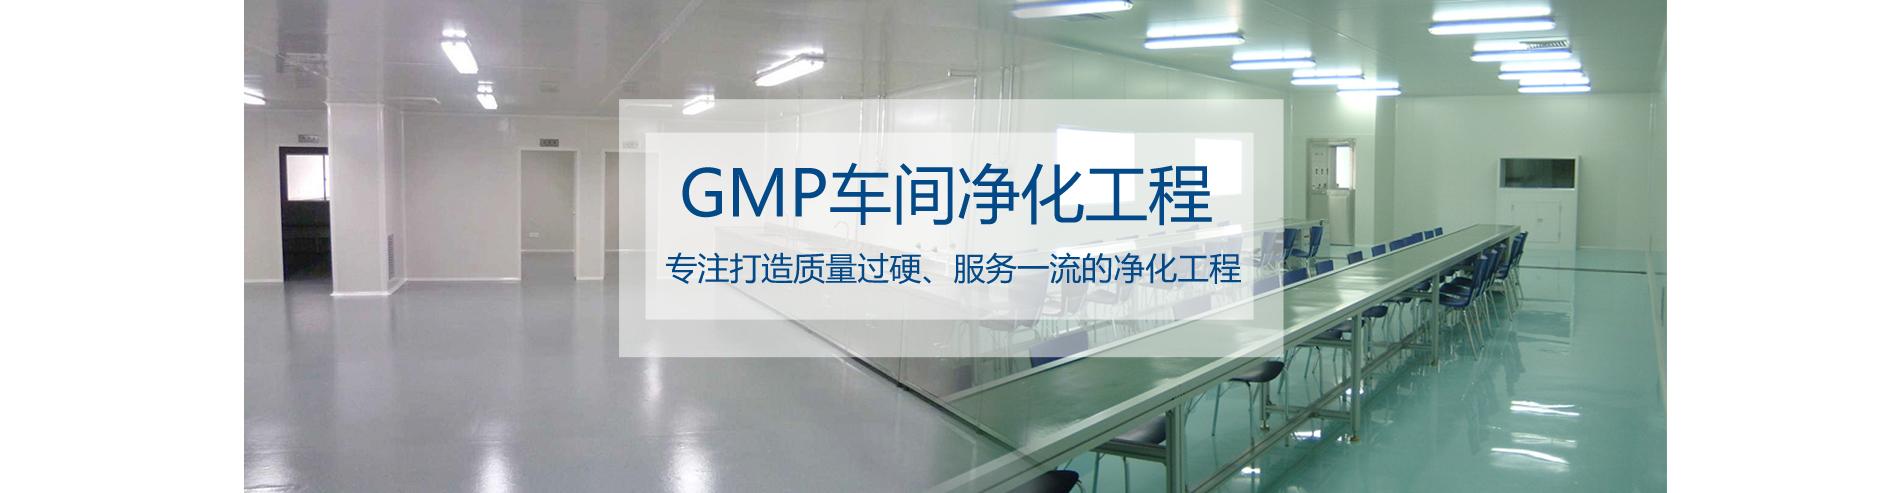 郑州瑞之森净化装饰工程有限责任公司